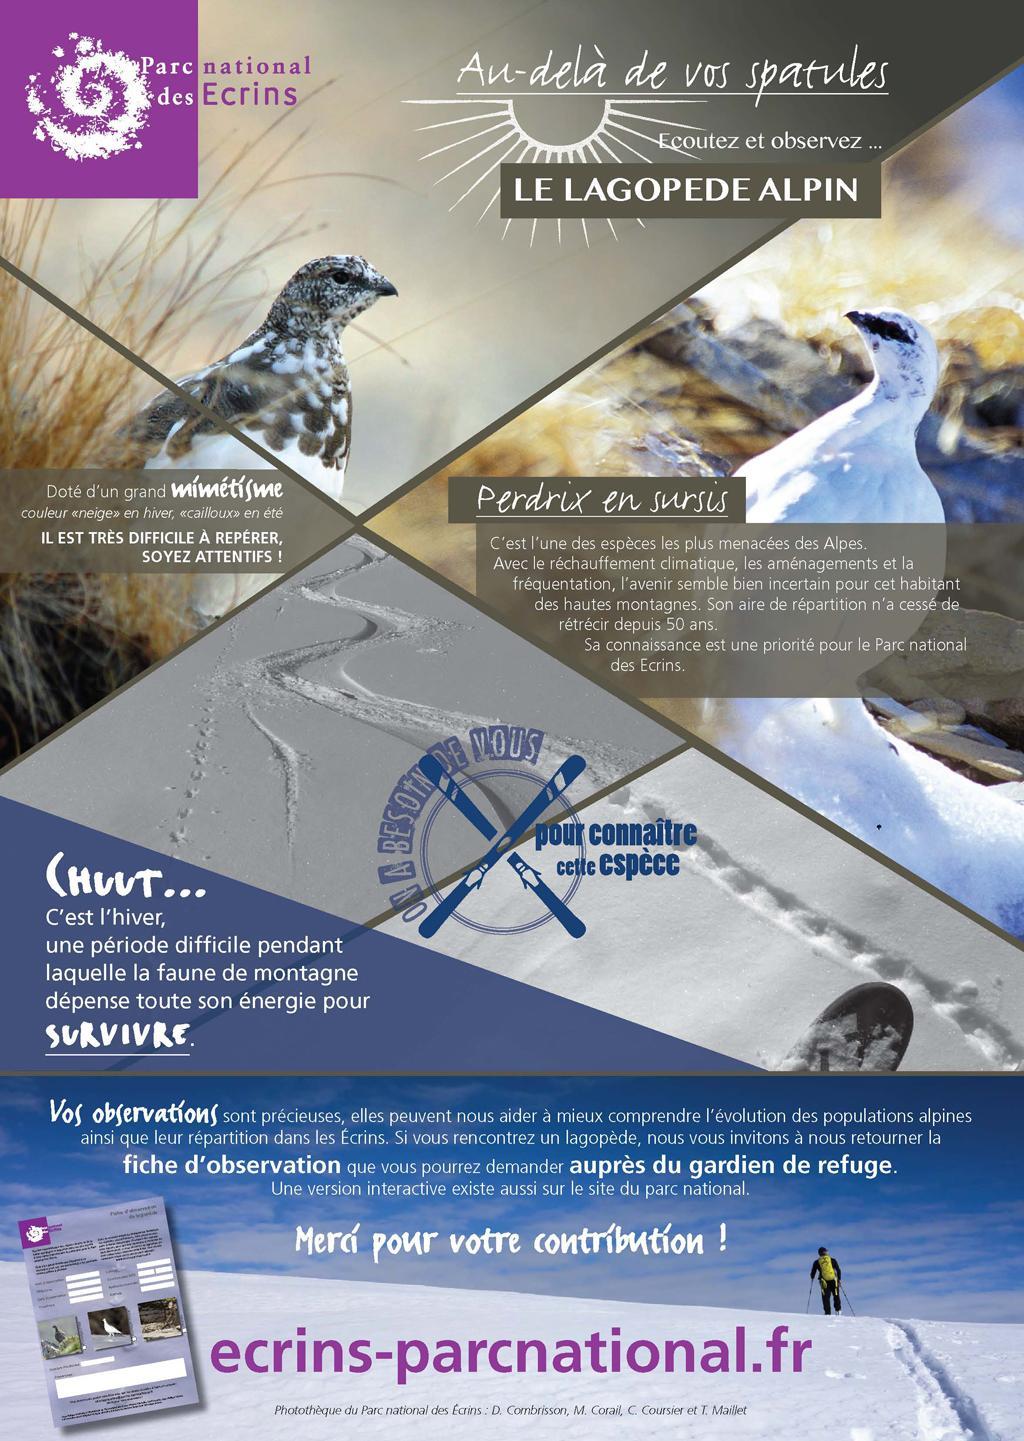 poster info lago refuges des Ecrins - mars 2018 - Maquette A-L Macle - Parc national des Écrins